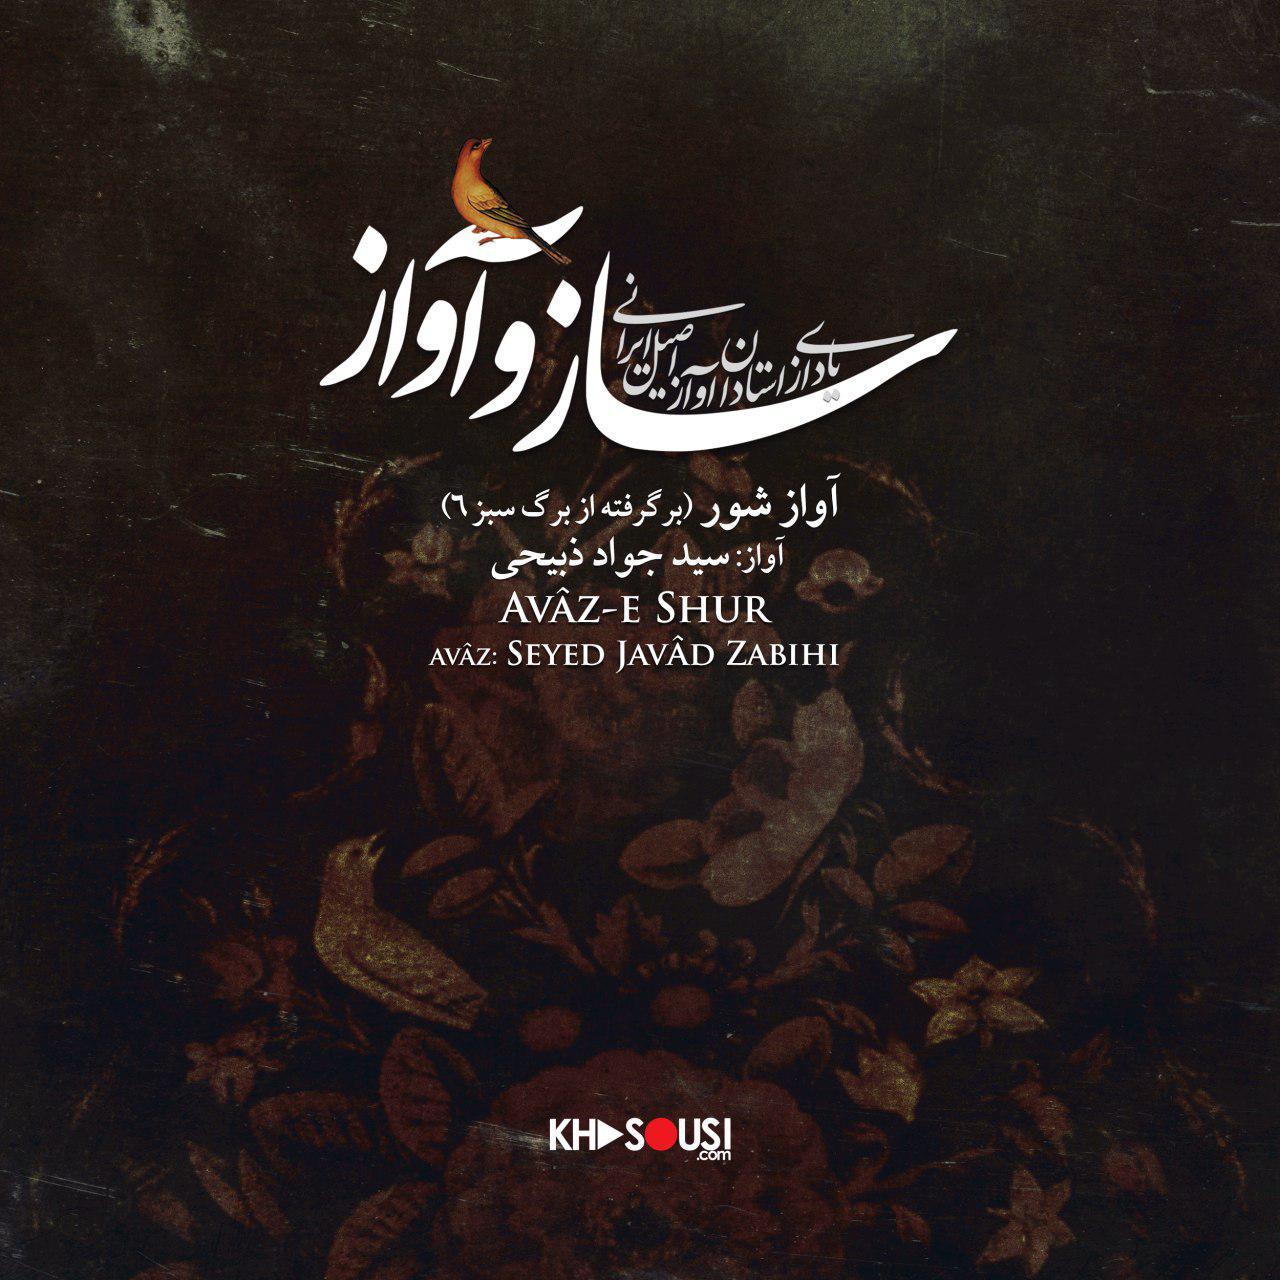 ساز و آواز – آواز شور از برگ سبز ۶ – سید جواد ذبیحی